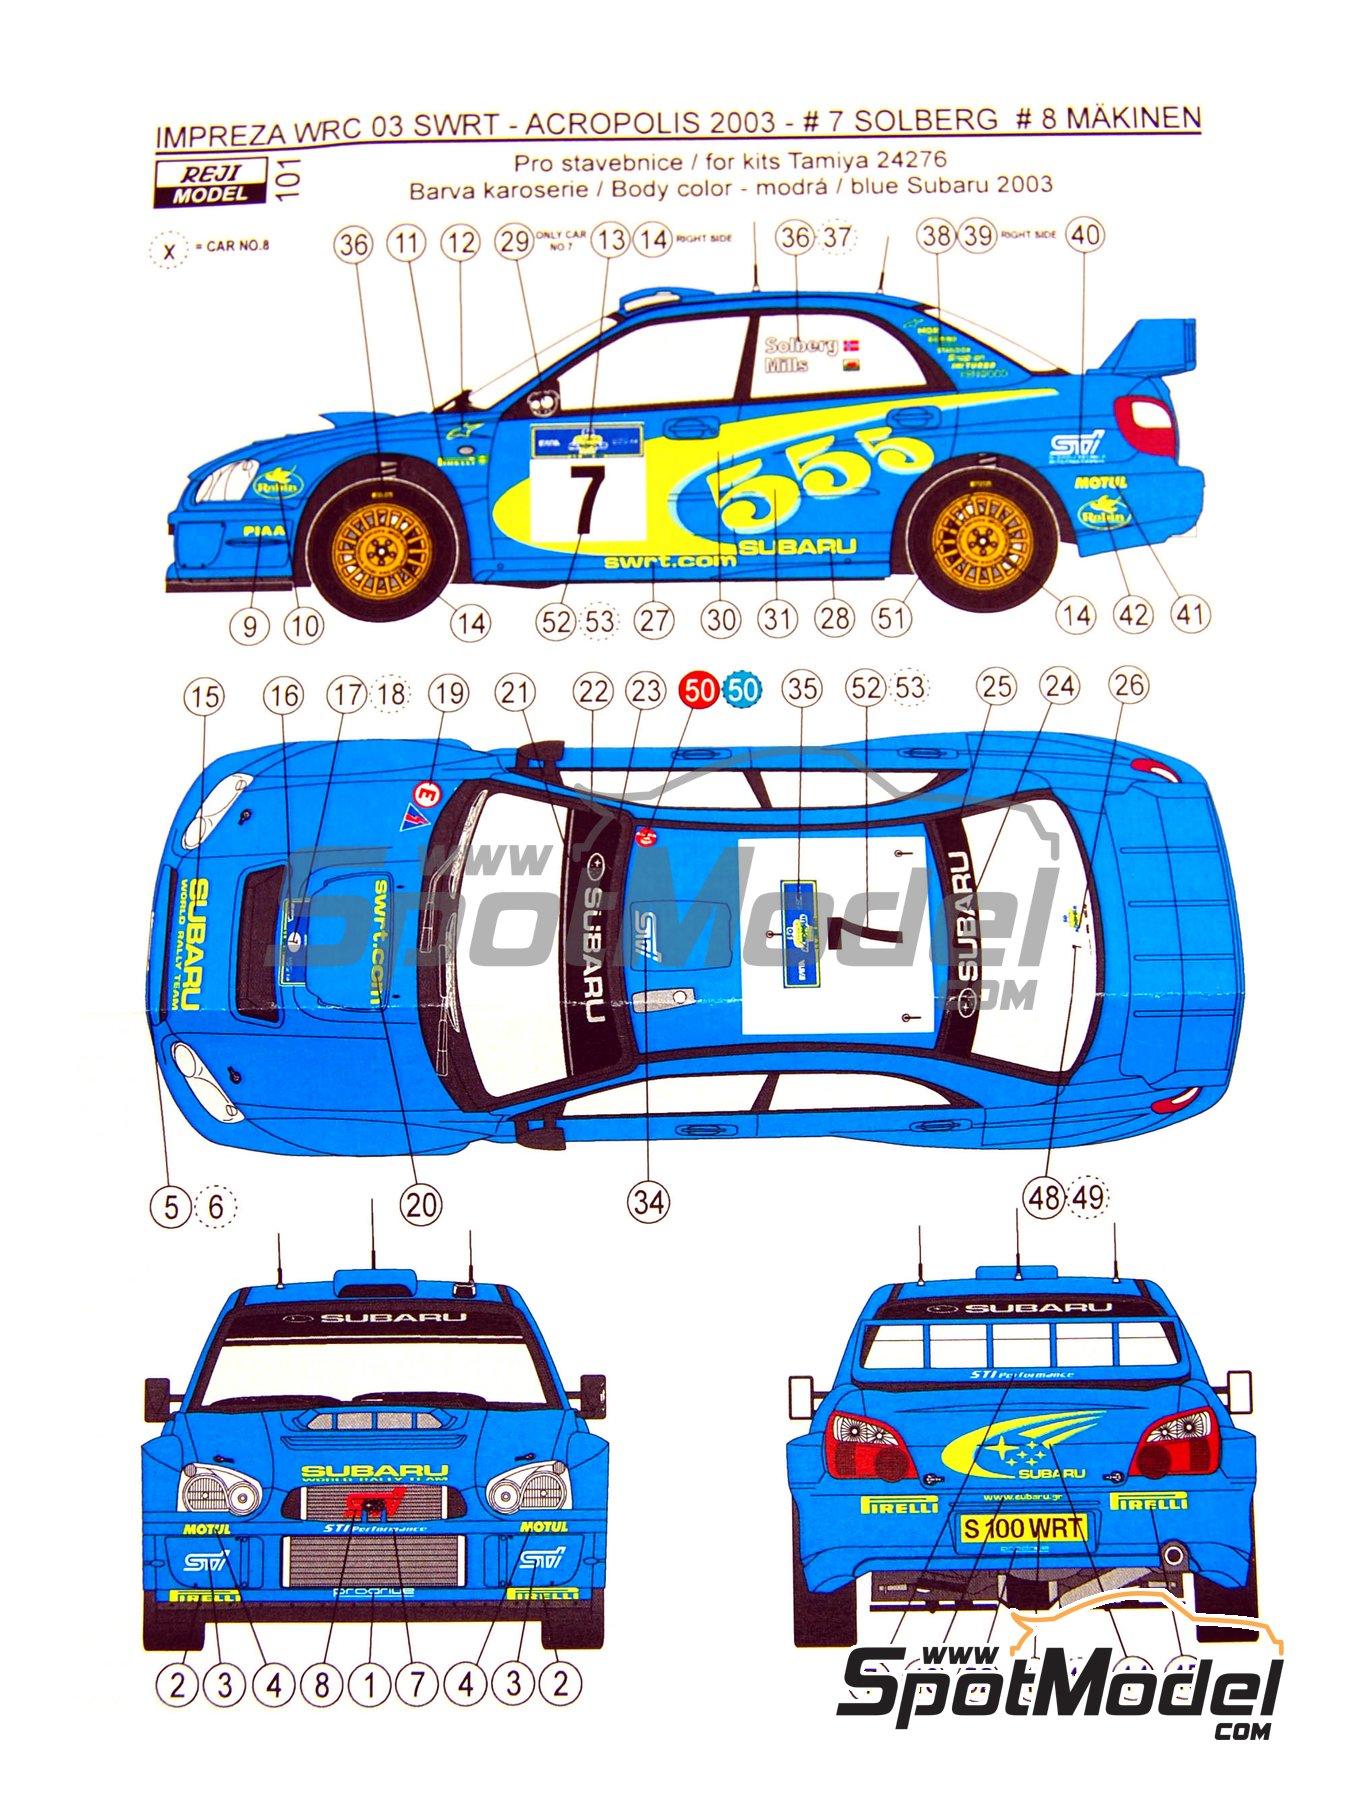 Subaru Impreza WRC 03 SWRT 555 - Rally de Acropolis 2003 | Decoración en escala1/24 fabricado por Reji Model (ref.REJI-101) image